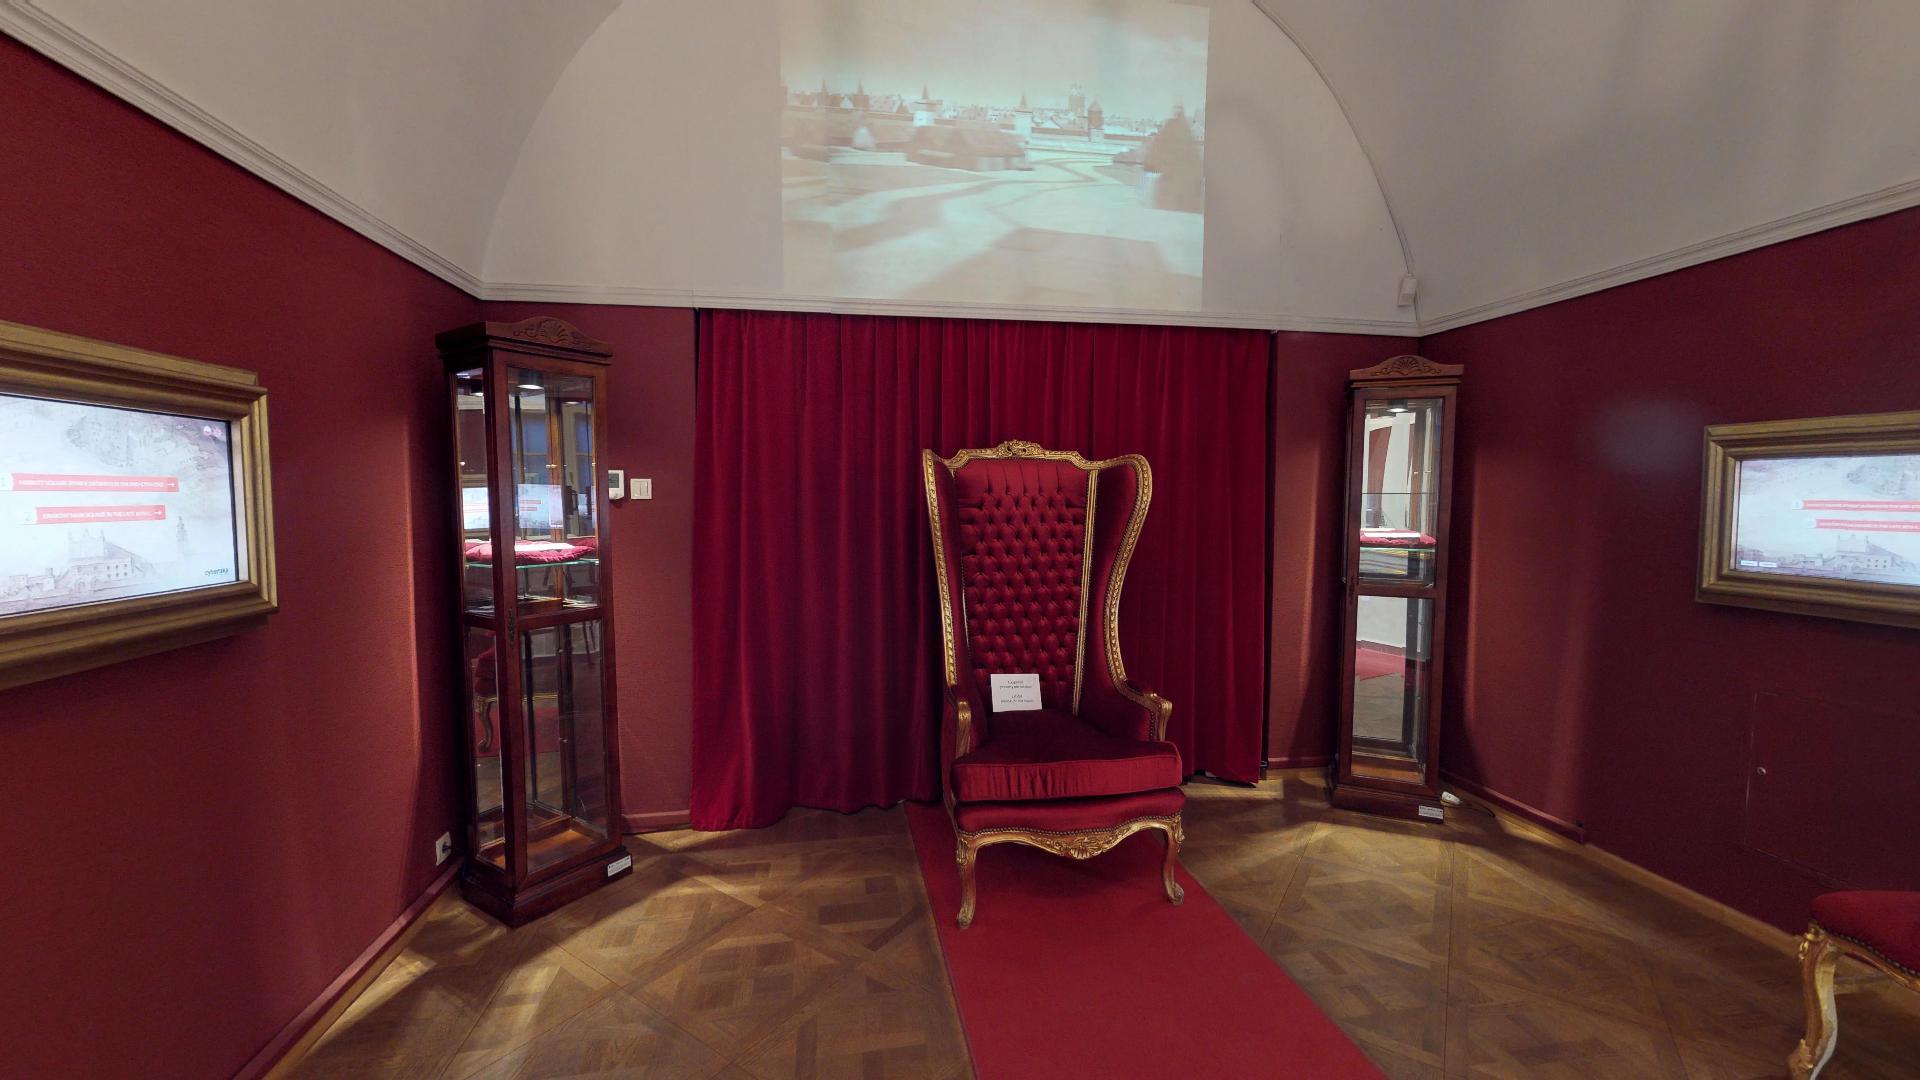 wirtualny spacer po muzeum w Krakowie